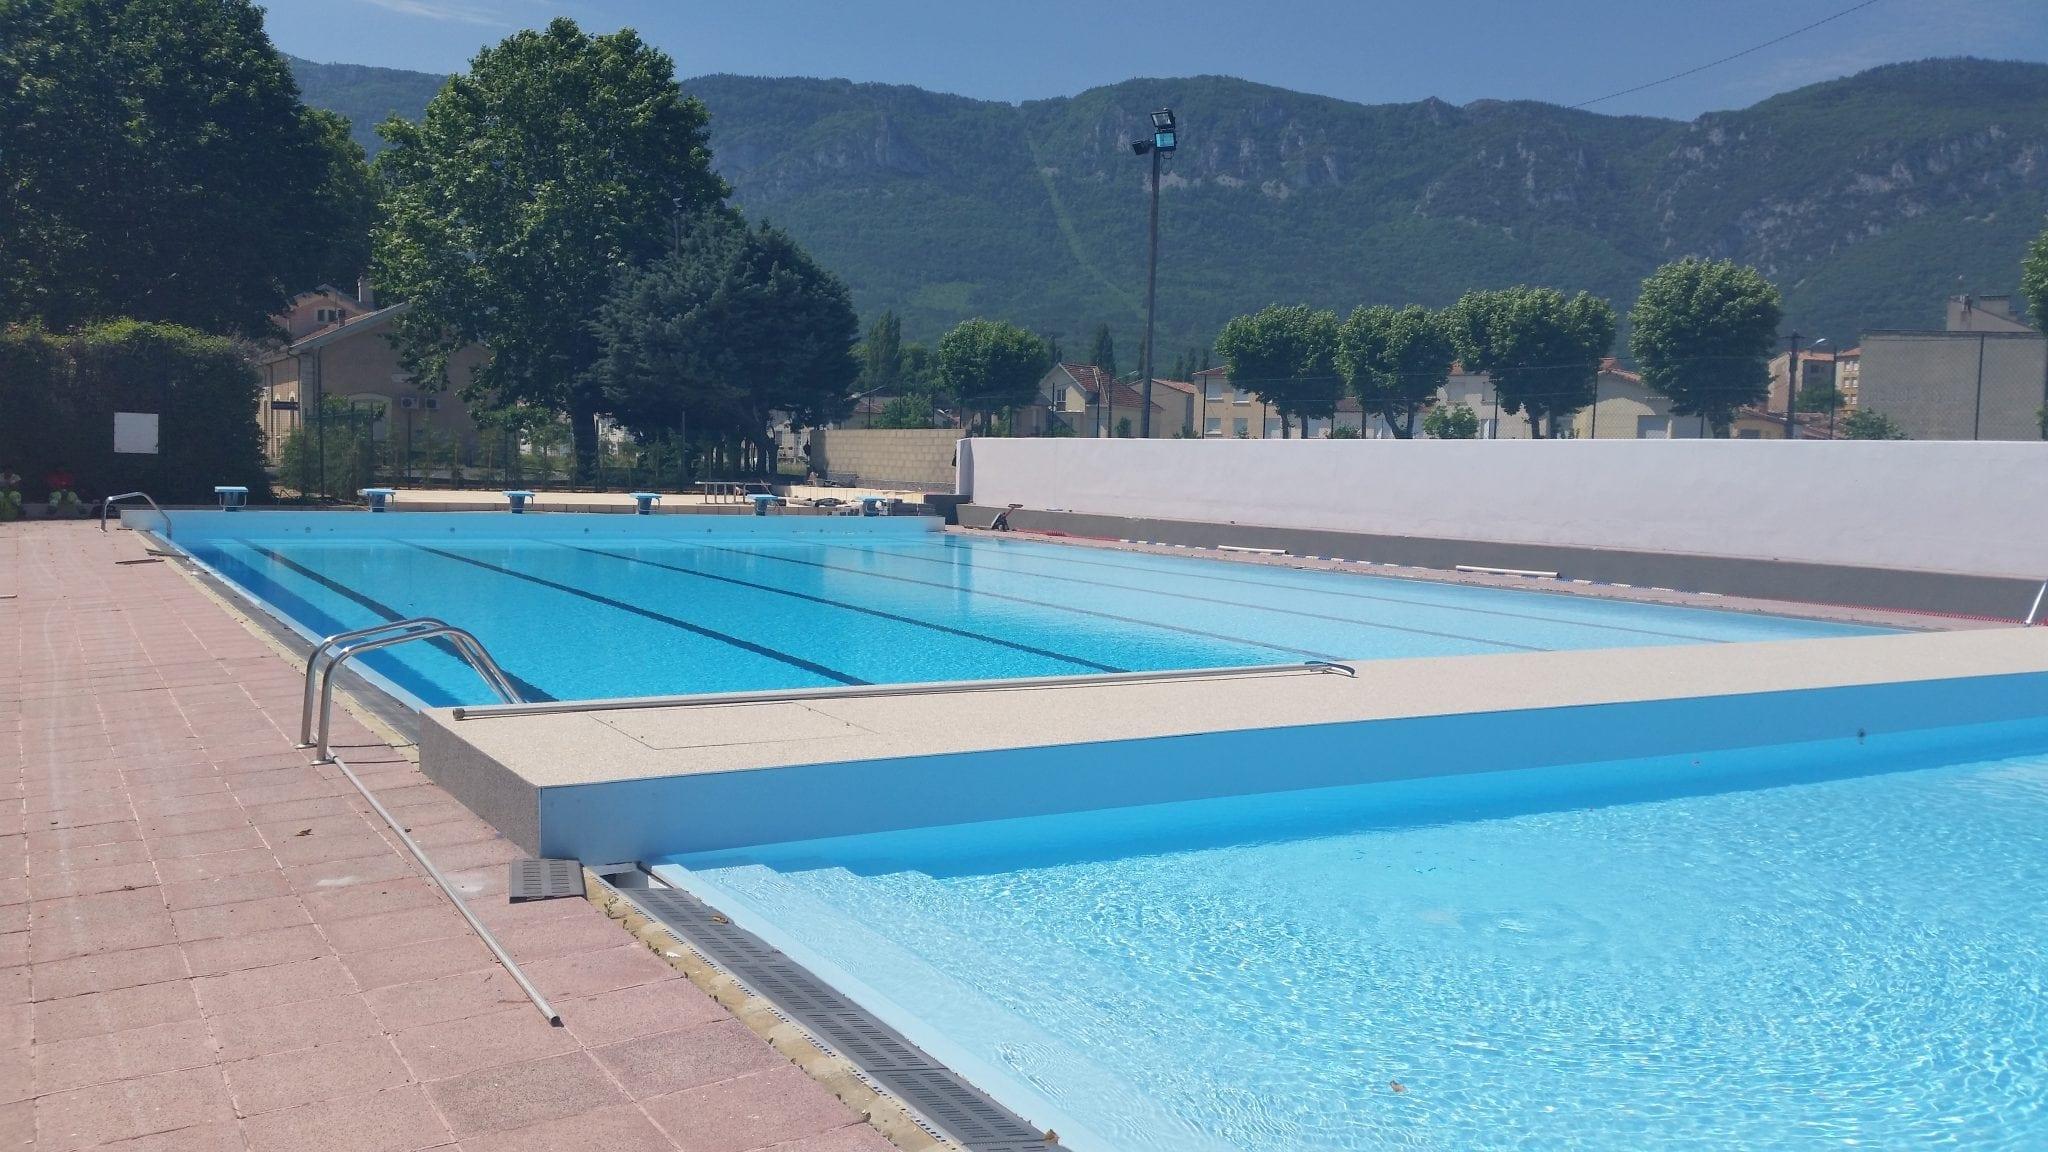 Renovation piscine public narbonne 10 btv piscine for Renovation piscine